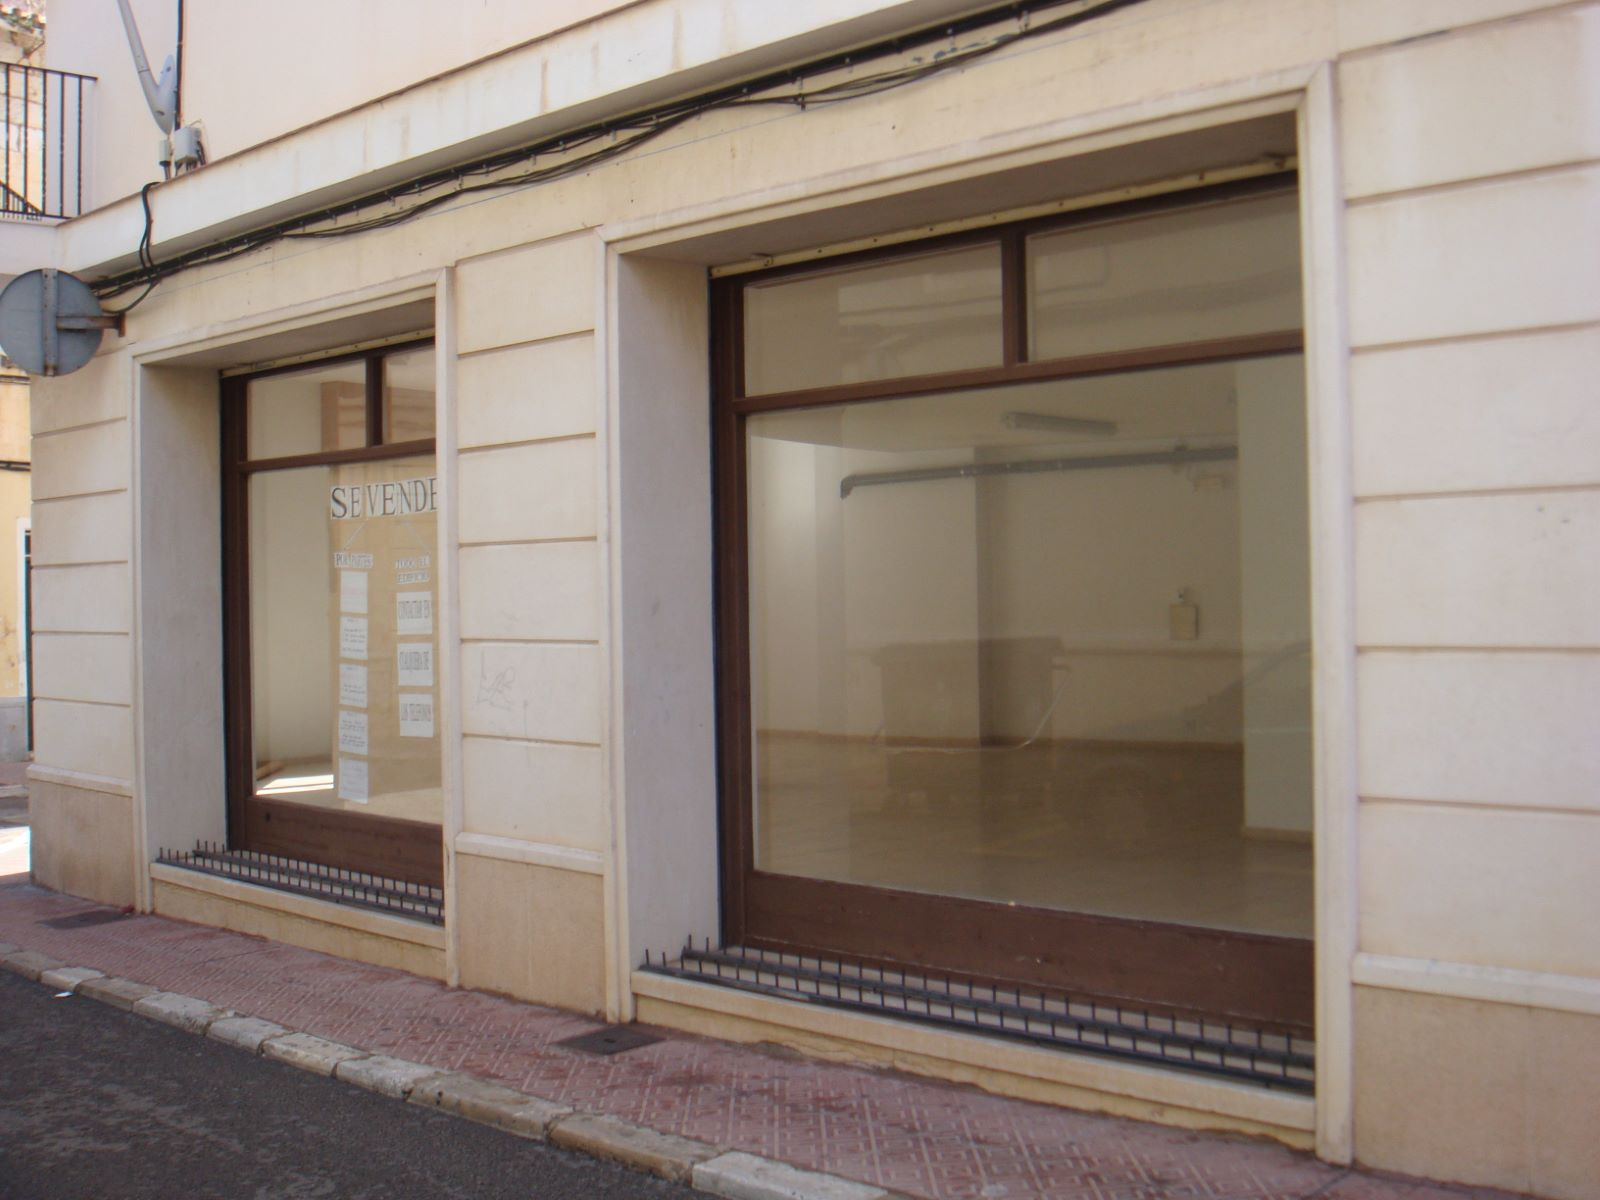 Local comercial en Mahón Ref: V1641 4